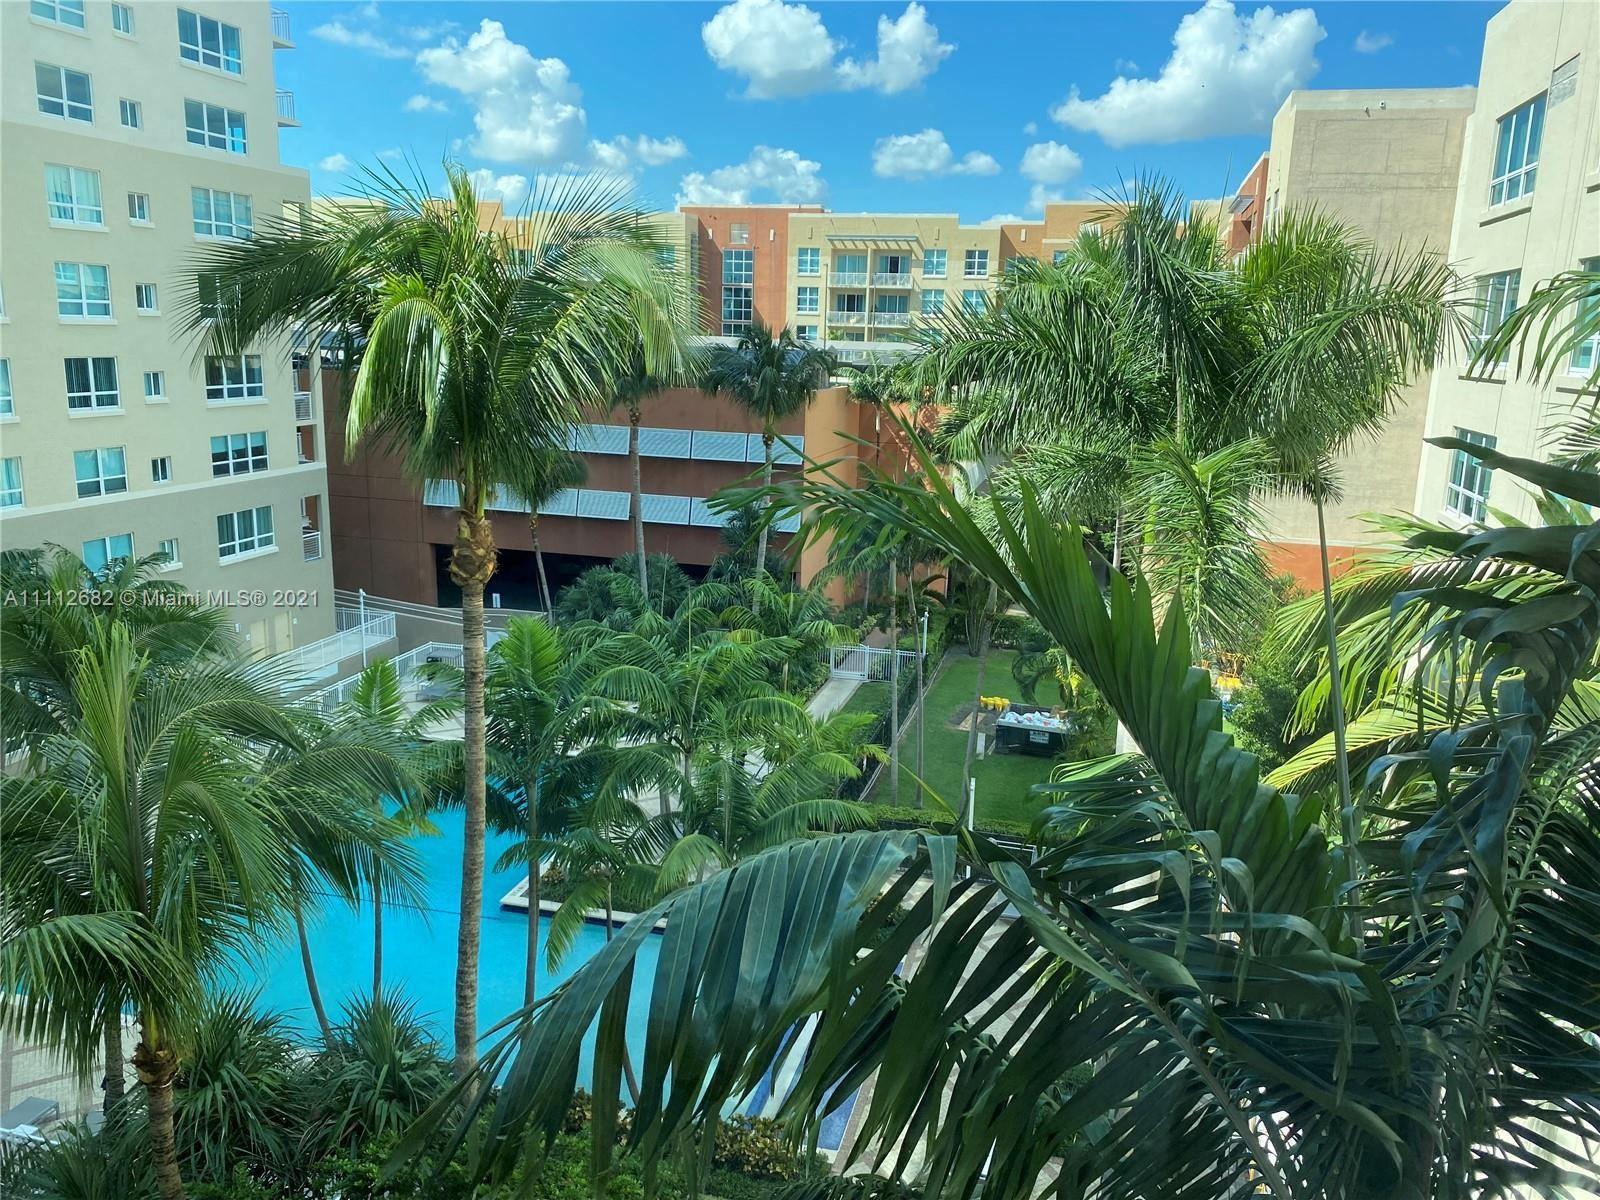 2000 N Bayshore Dr #519, Miami, FL 33137 - #: A11112682